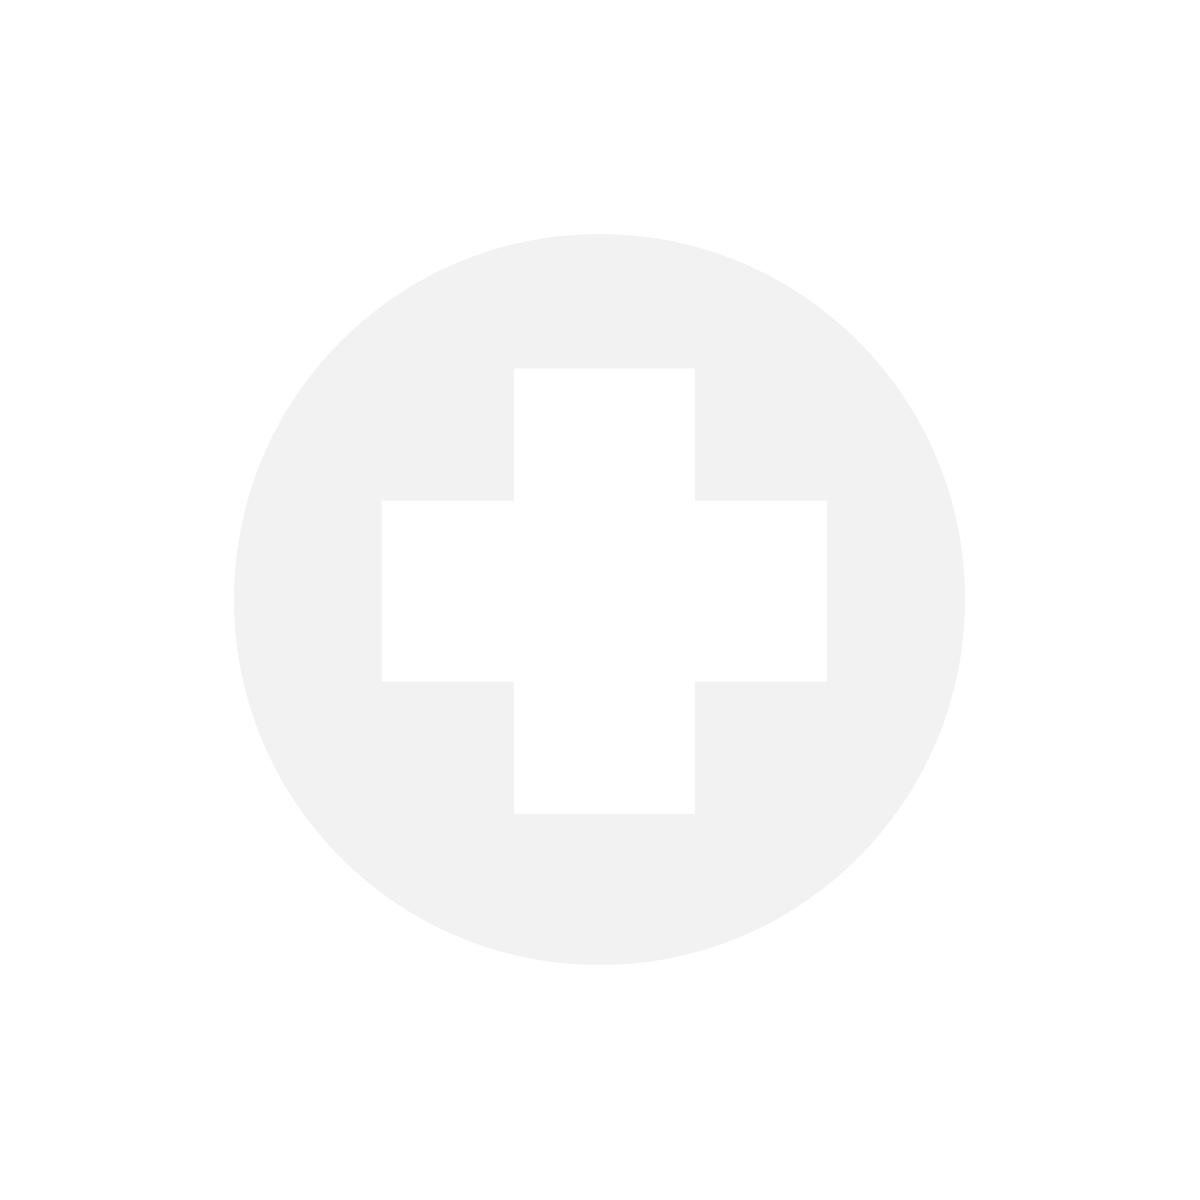 Ceinture russe pour gainage des jambes